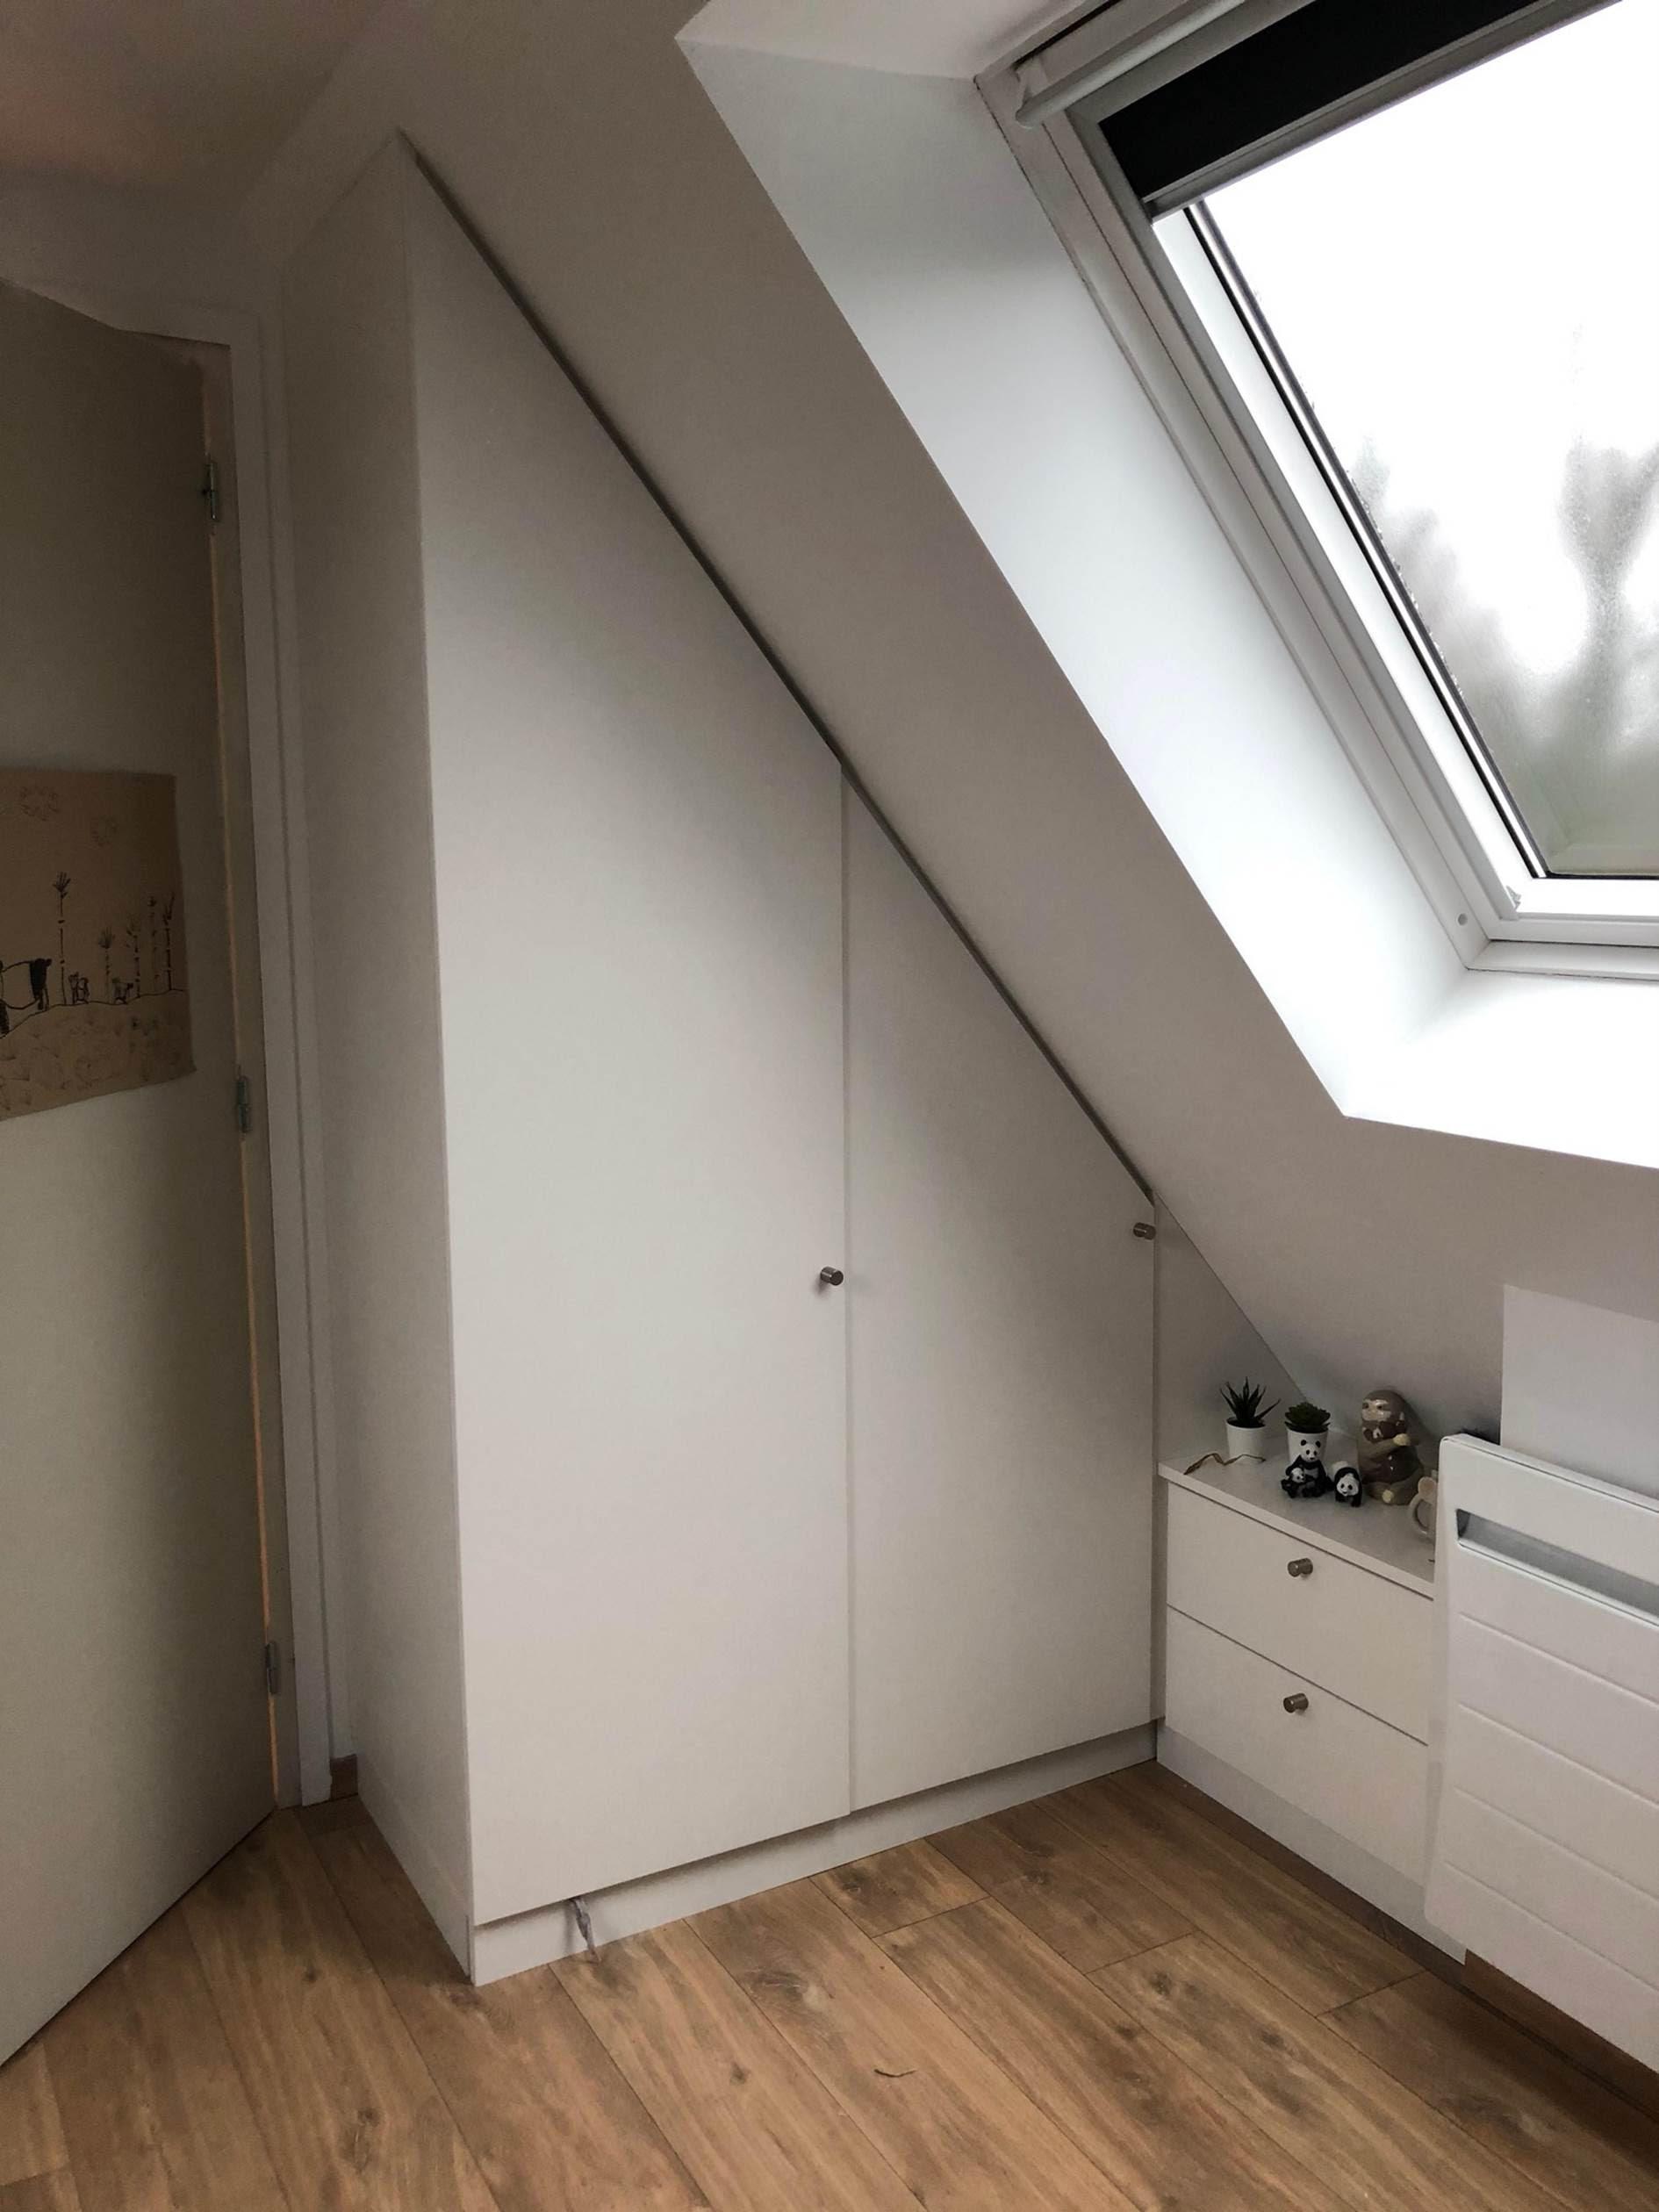 sur cette photo on voit un meuble blanc en sous pente dans une chambre à Wambrechies